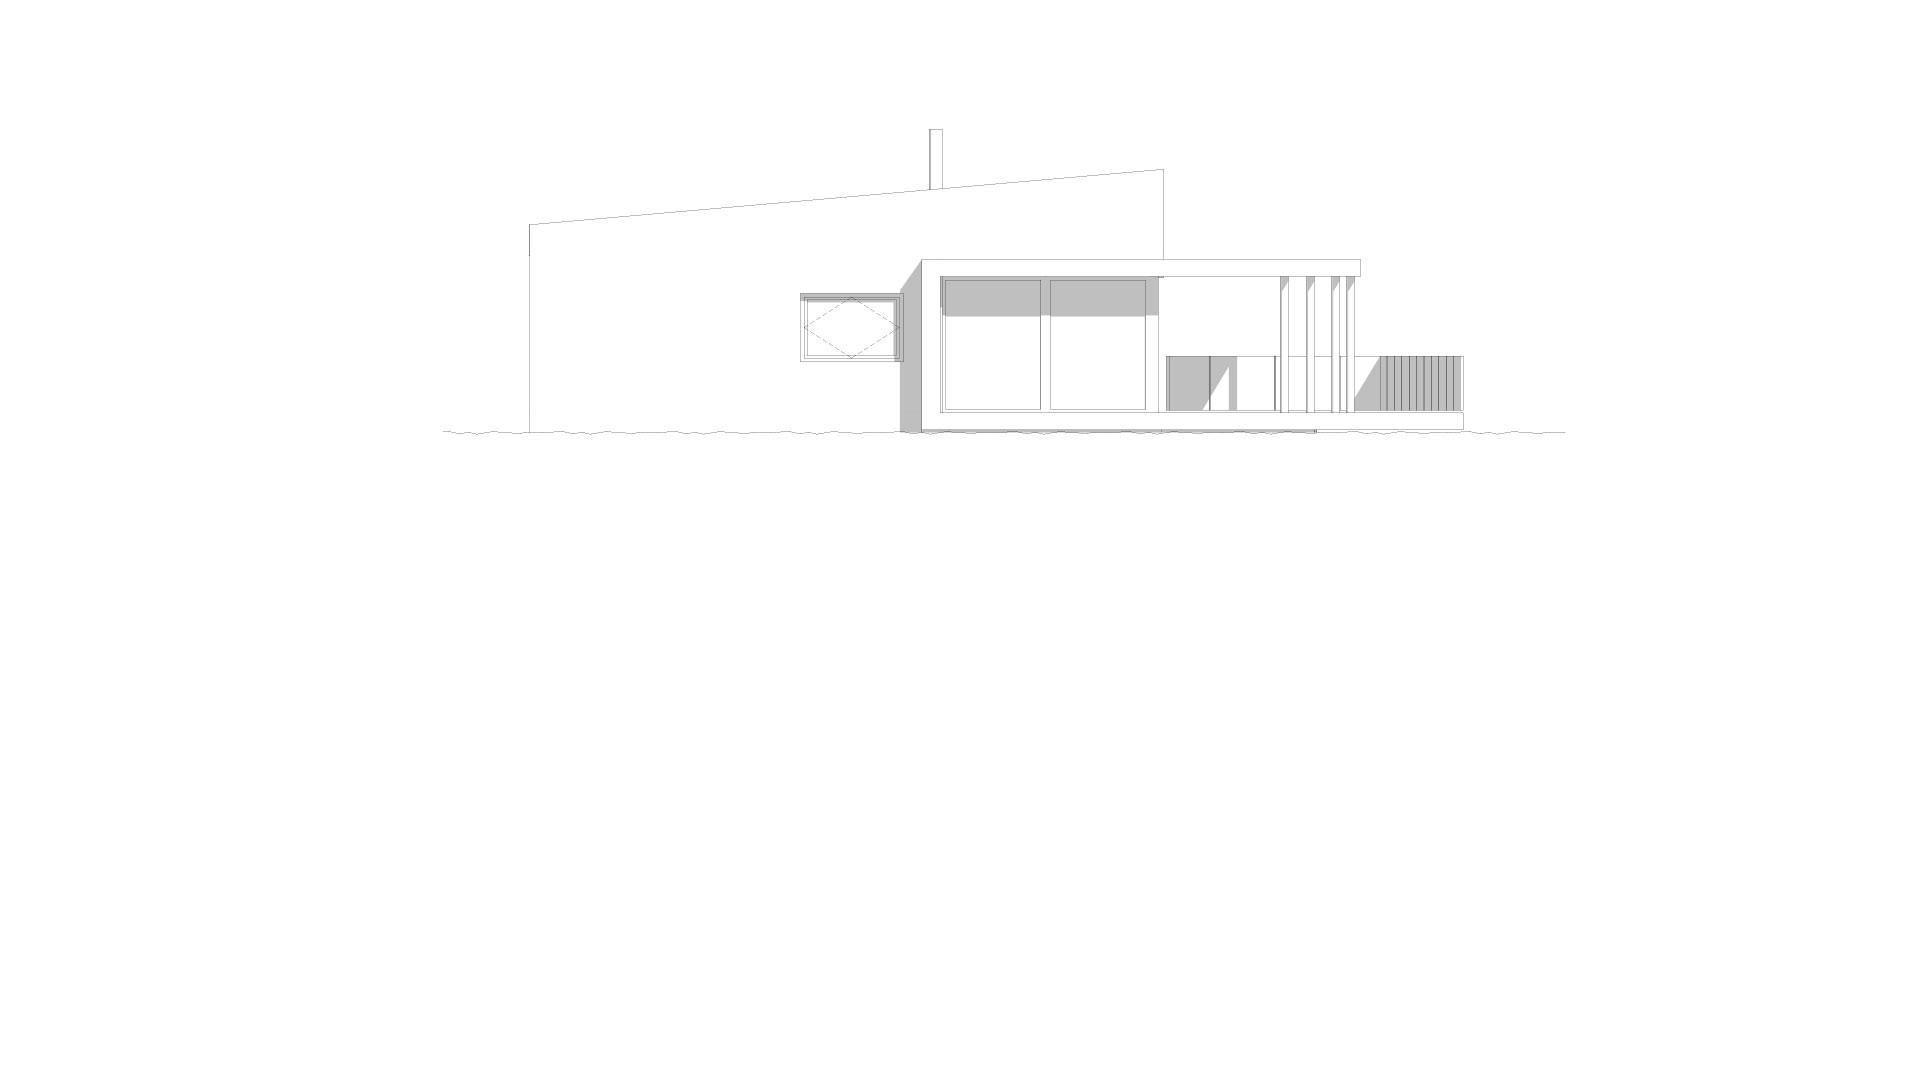 Klippen_Fasade3.jpg